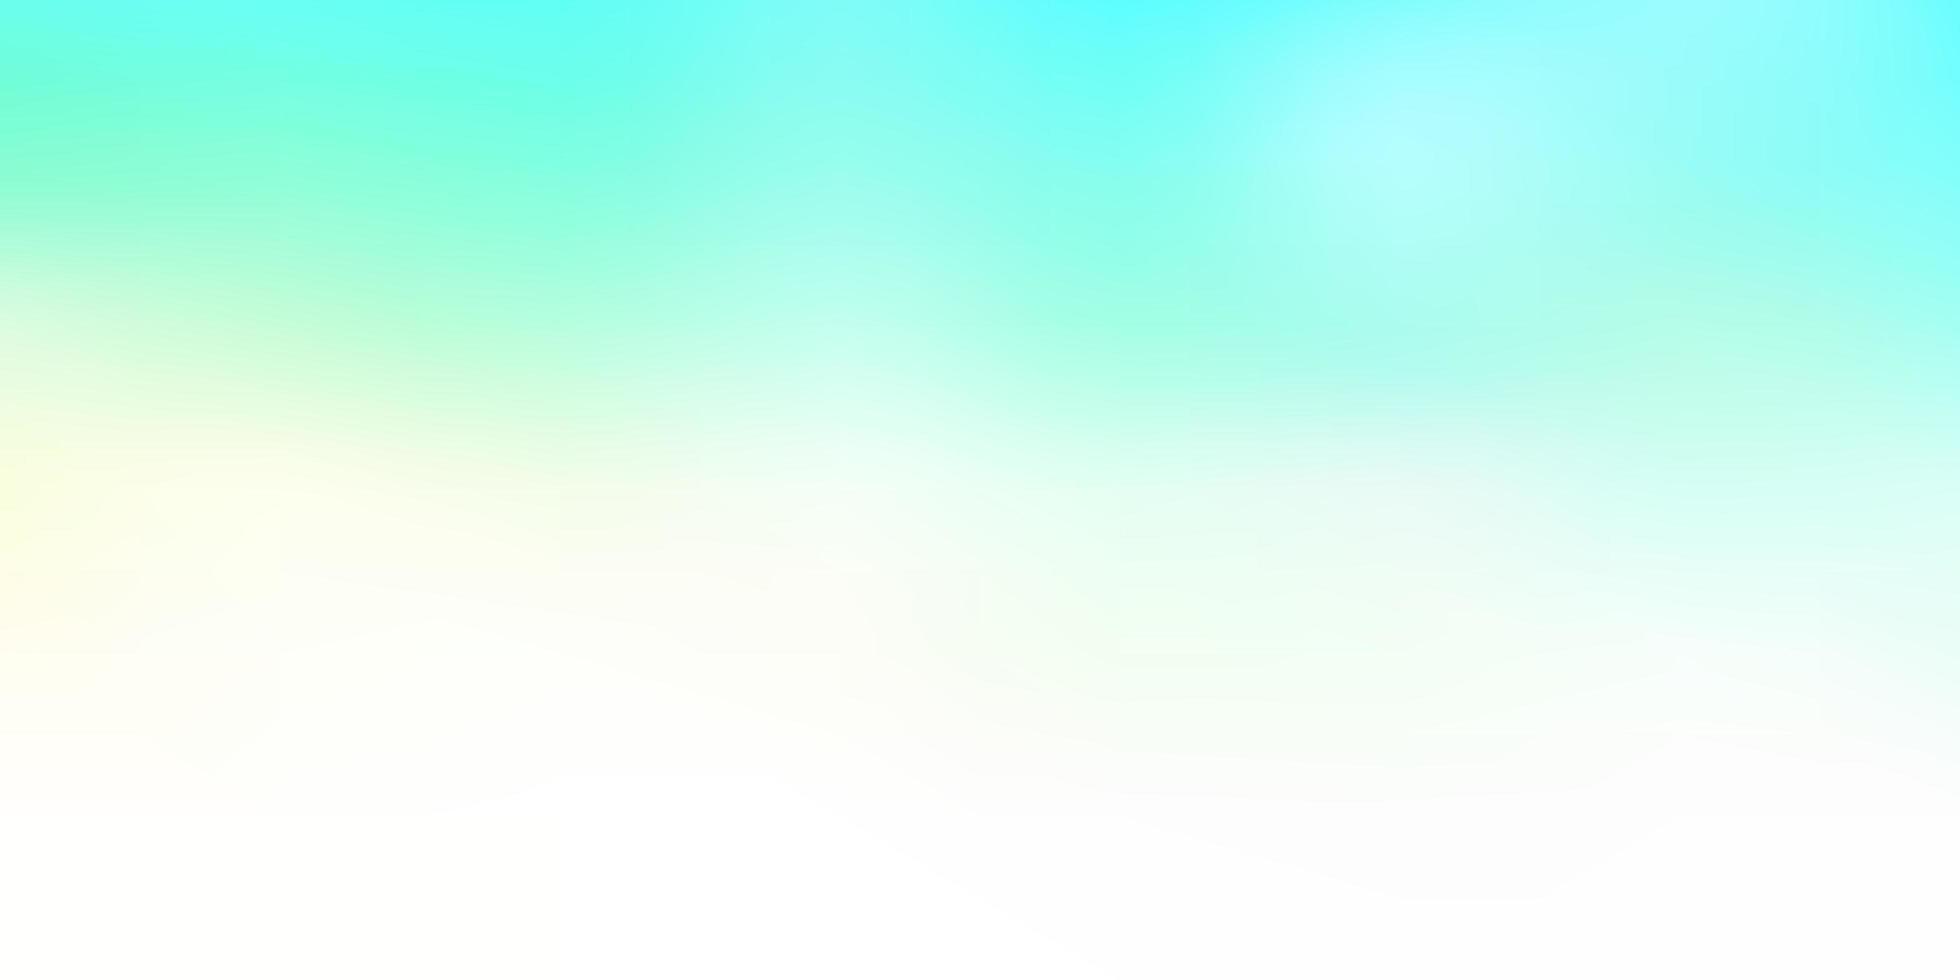 abstrakte Unschärfezeichnung des hellblauen, grünen Vektors. vektor